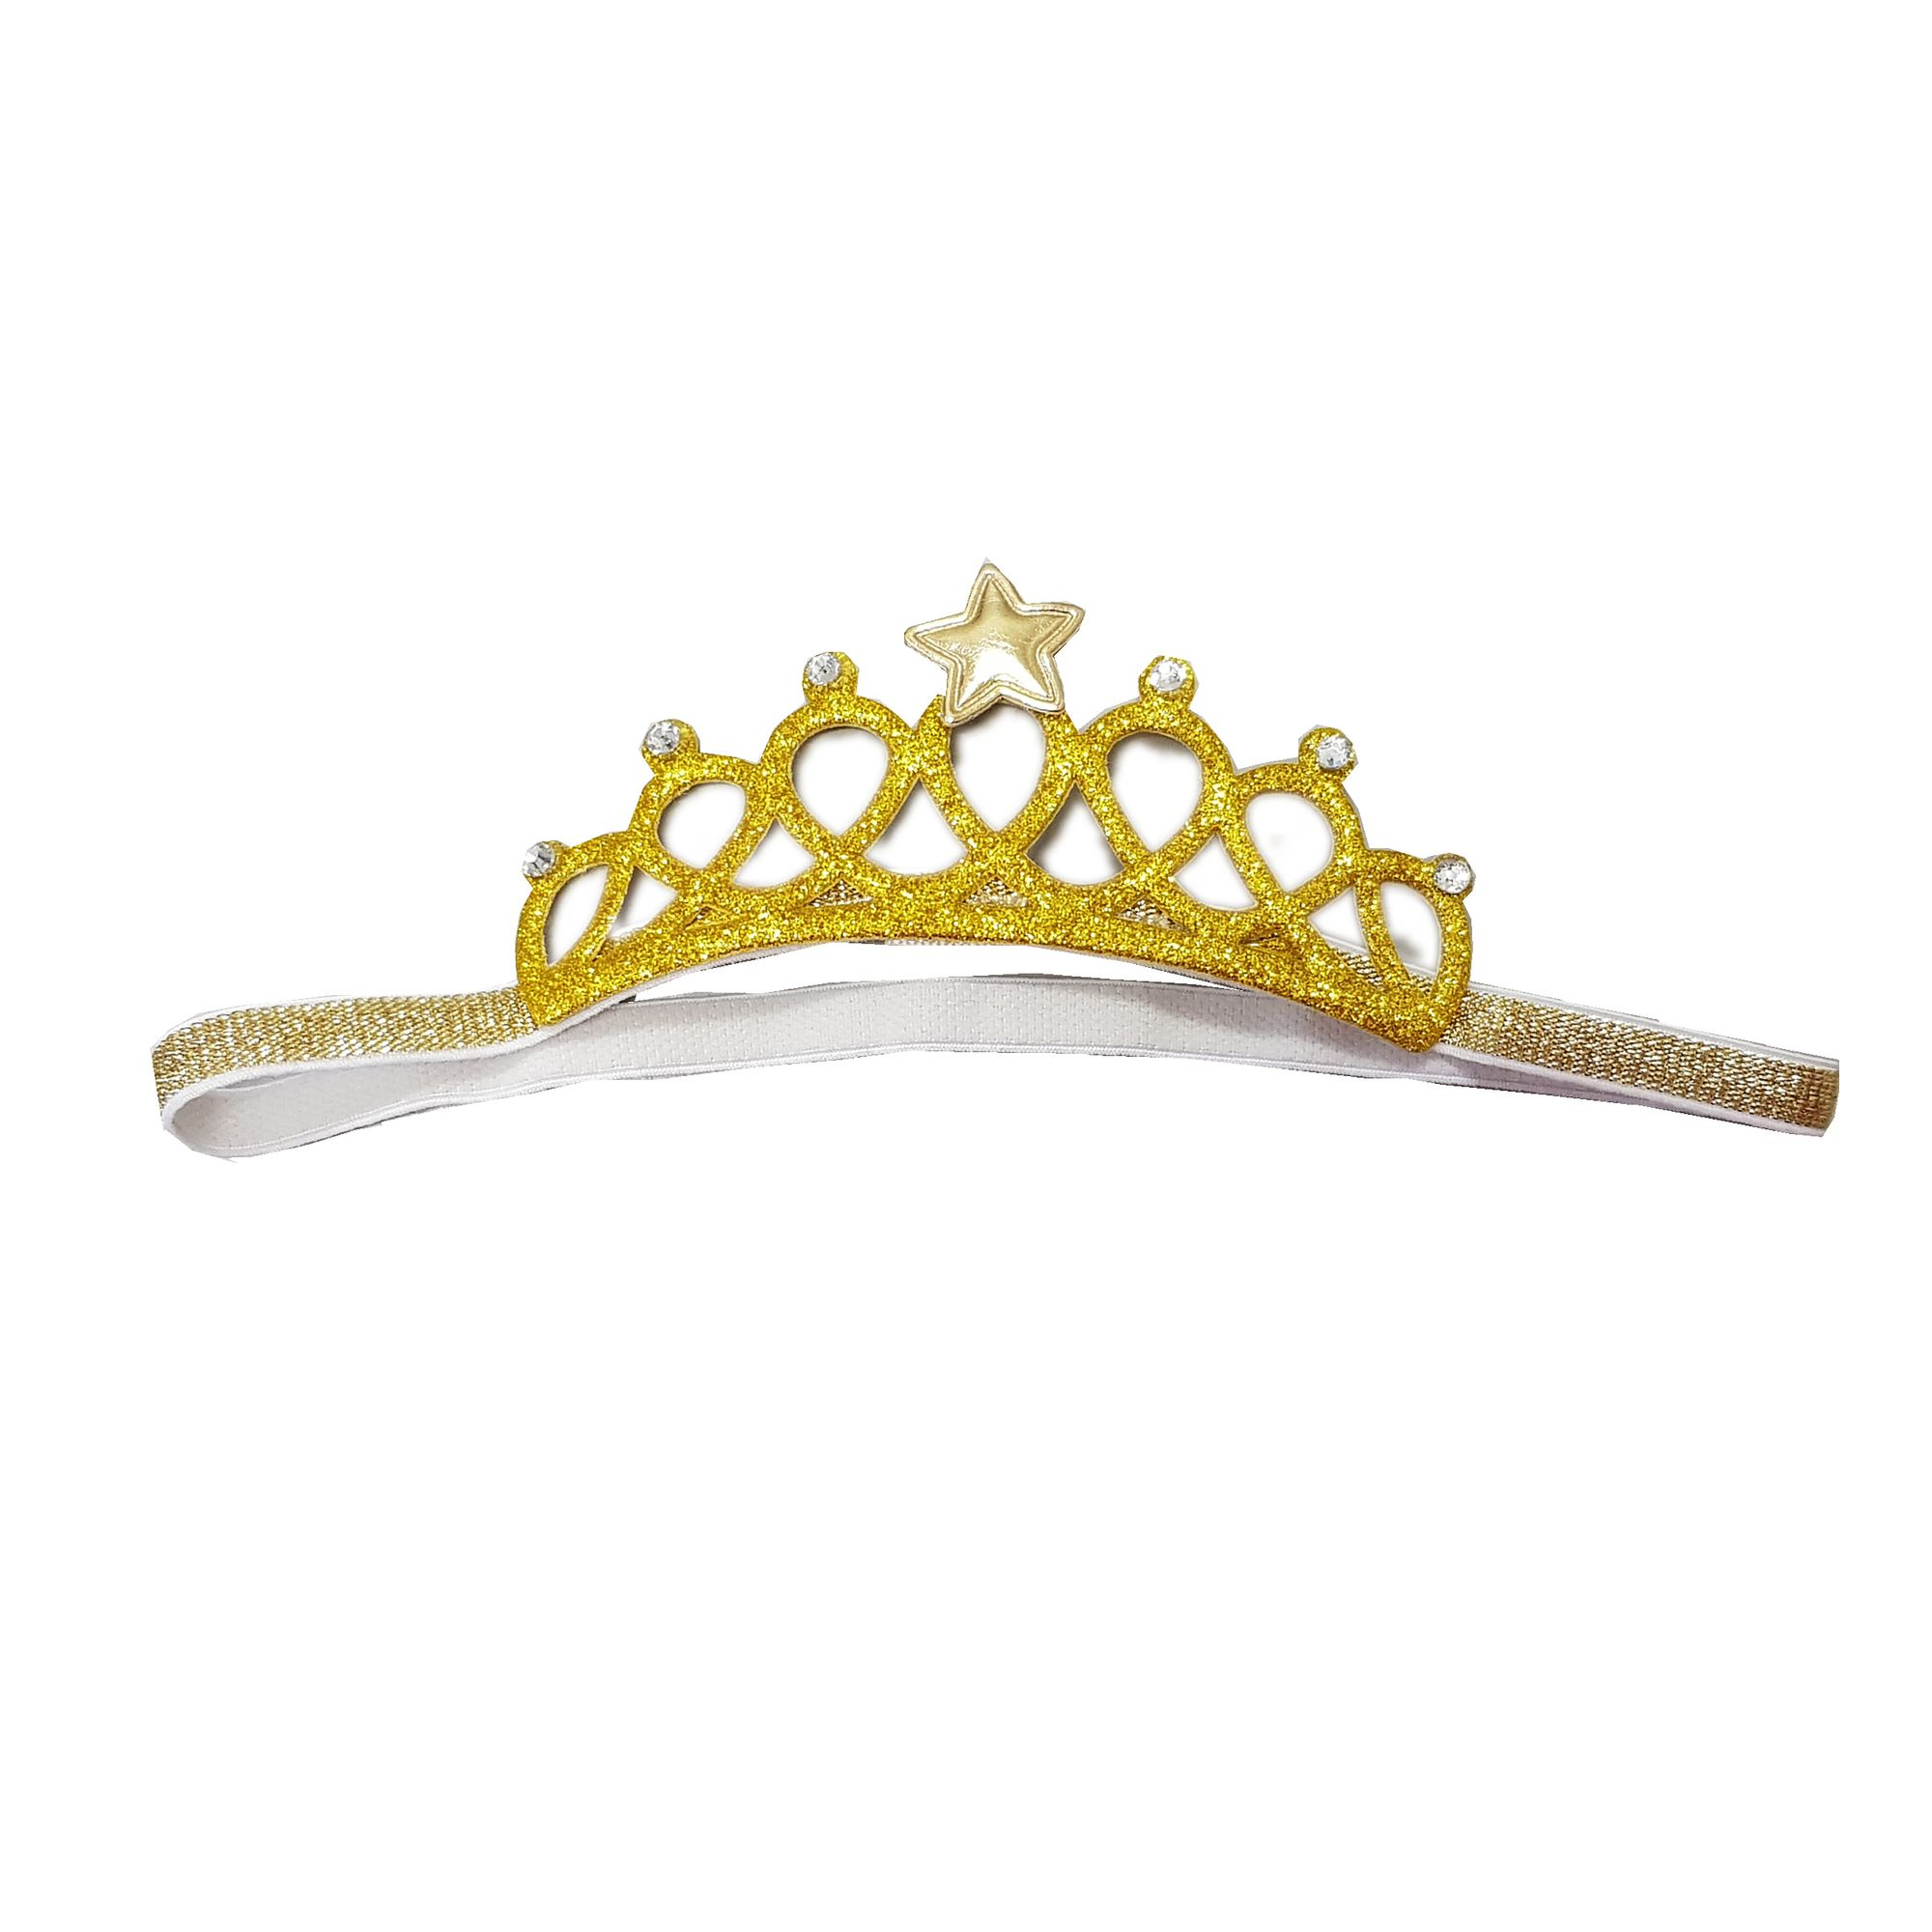 Coroa-princesa-para-cabelo-de-bebe-crianca-Dourada-em-elastico-Lacos-da-Sorte-loja-EcaMeleca-Kids-